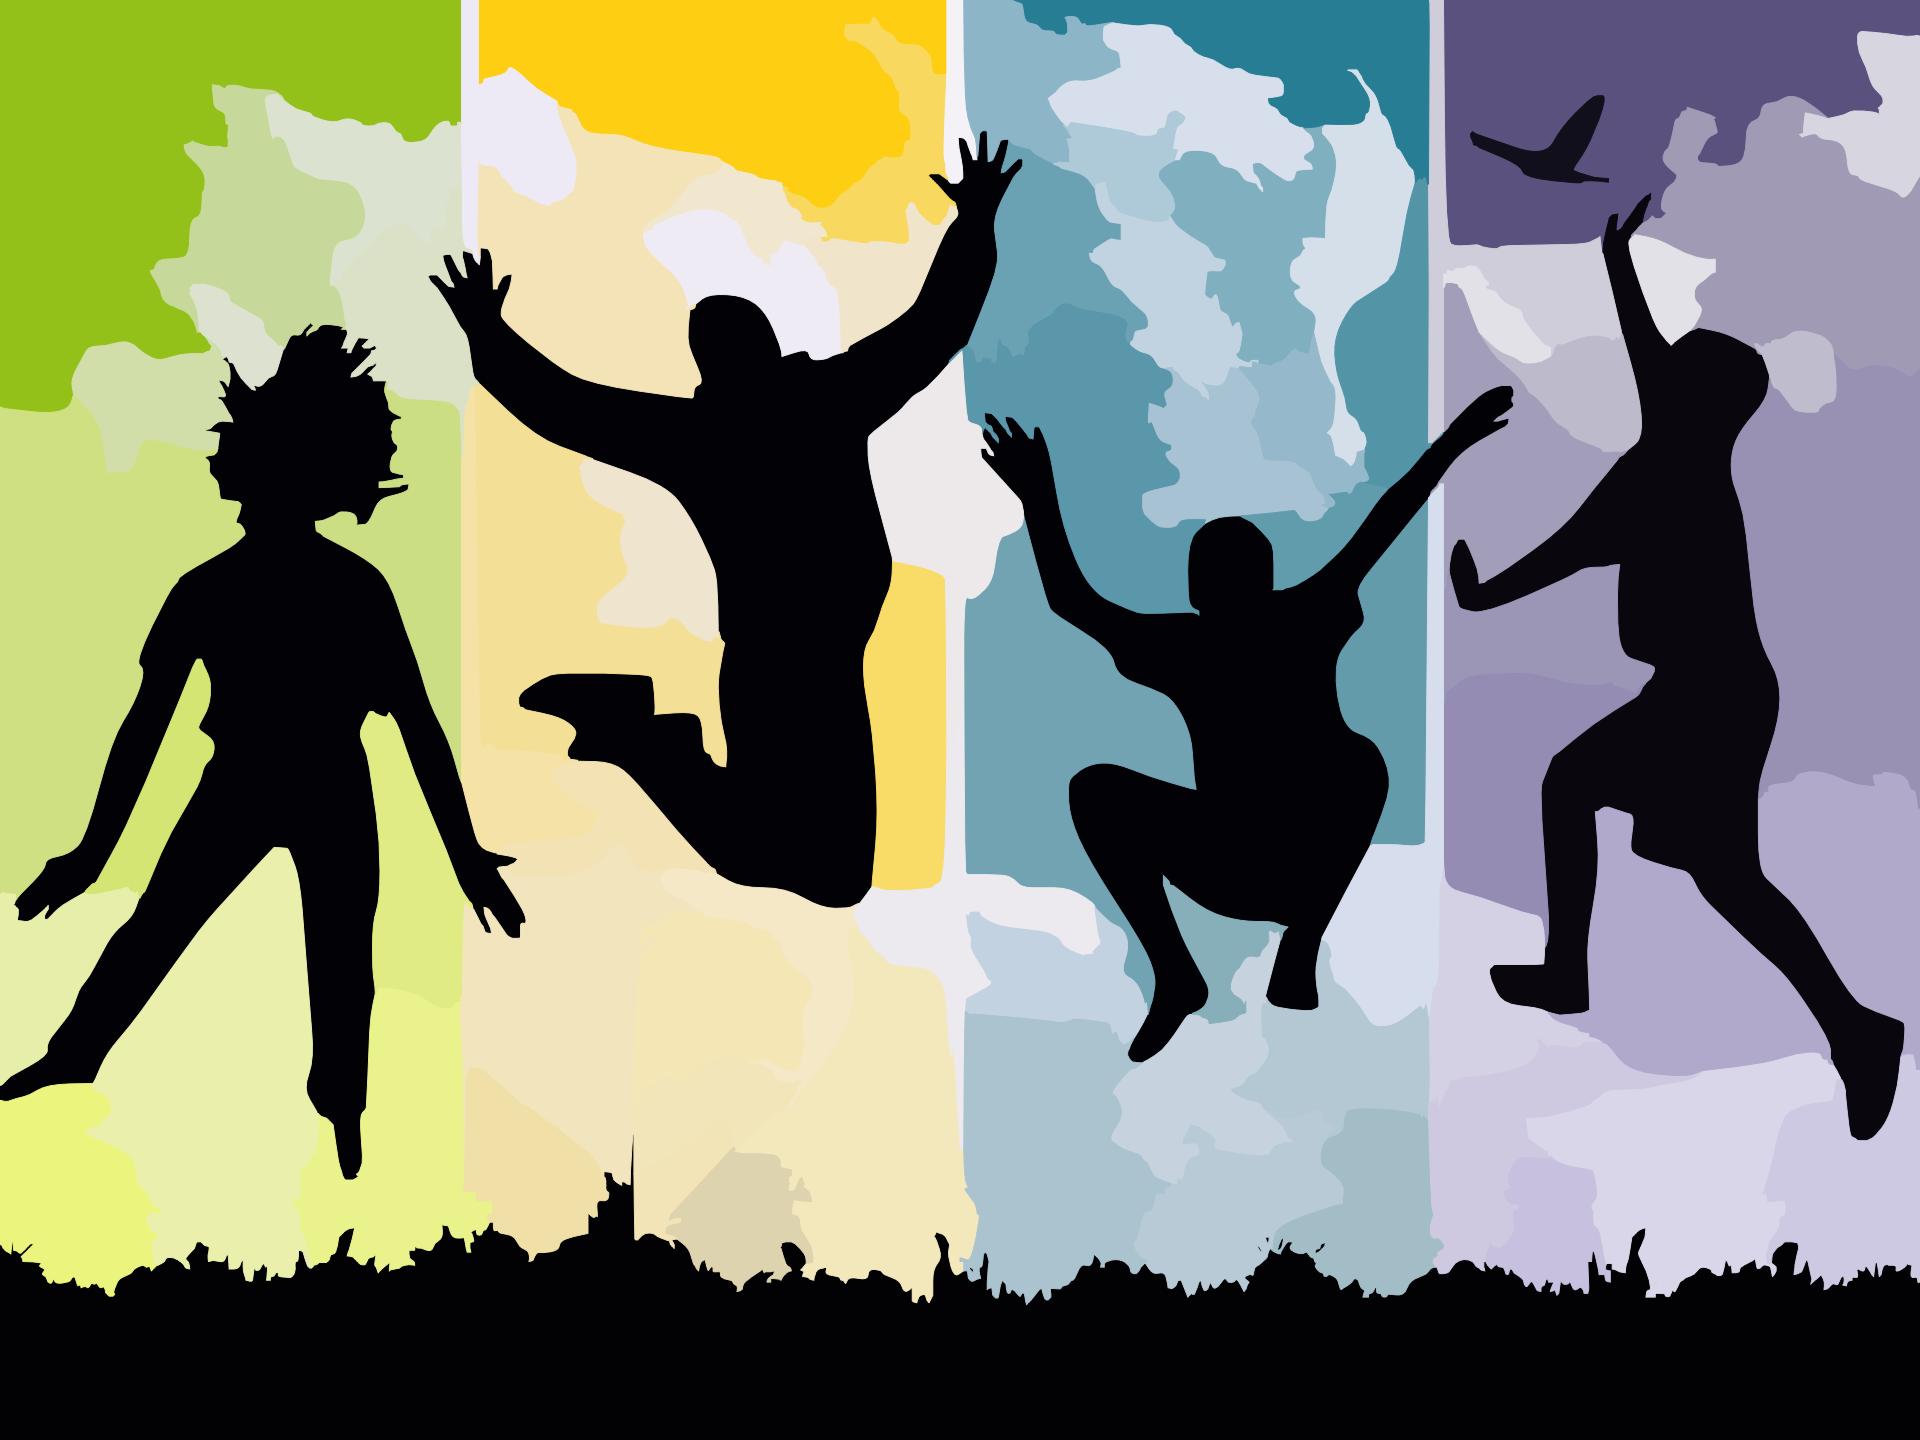 silhouettes, salti, giovani, felicità, danza - Sfondi HD - Professor-falken.com